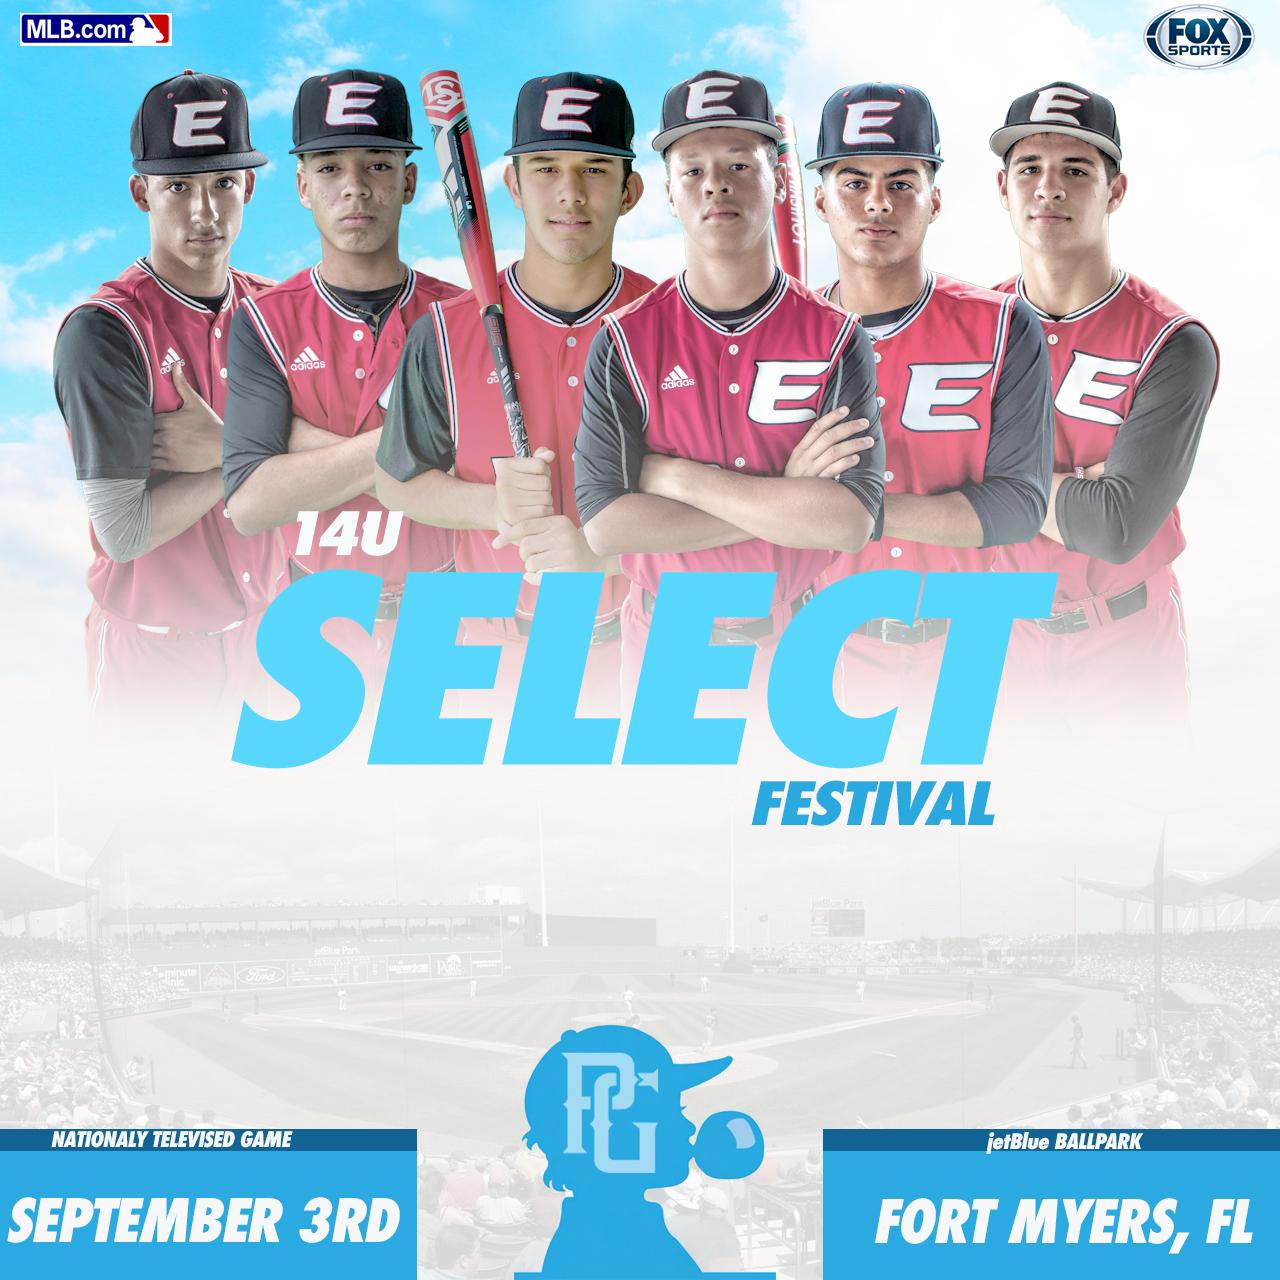 14u-Select-Festival